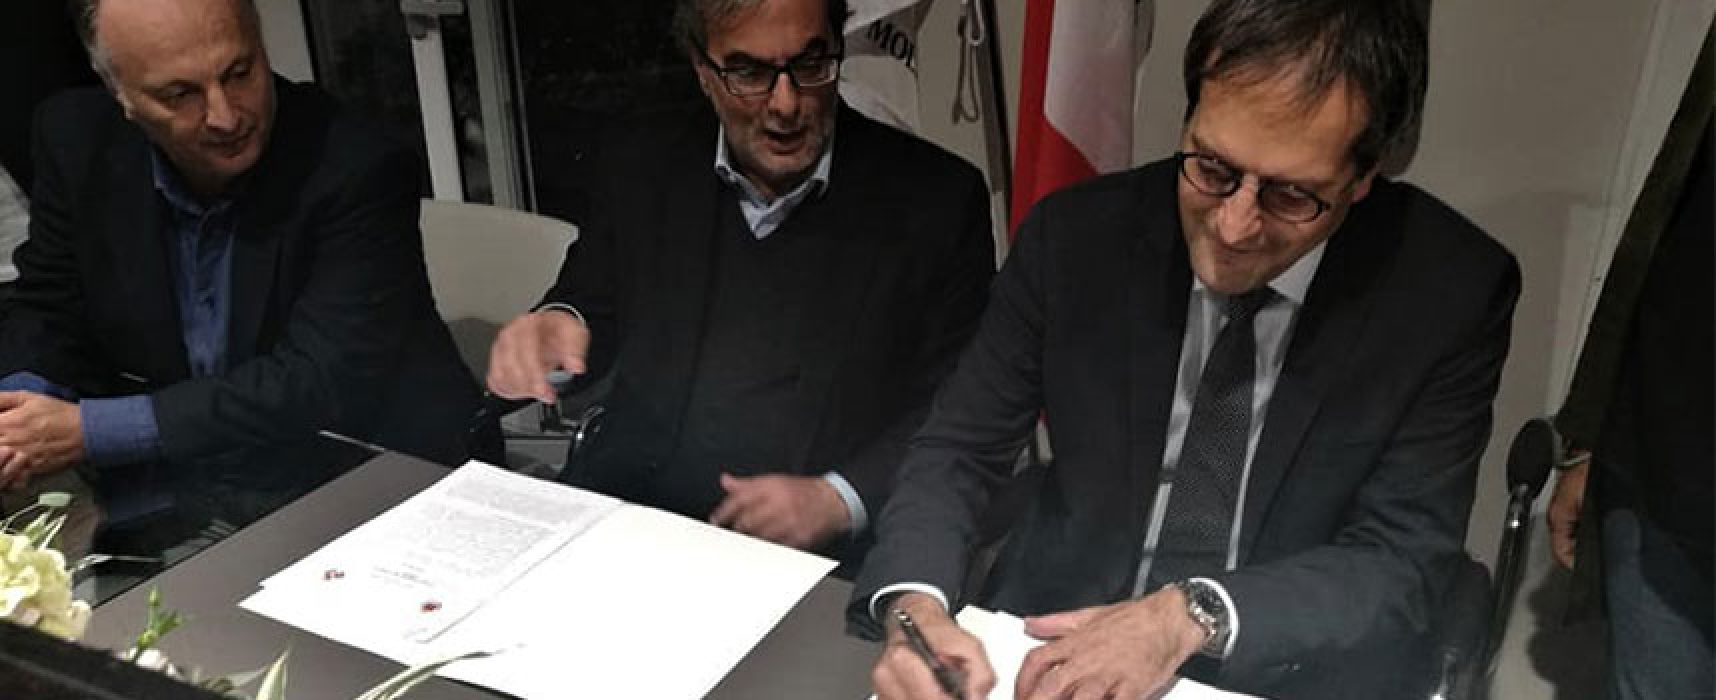 """Firmata Candidatura Bisceglie alla Zes, Angarano: """"Giornata storica"""""""